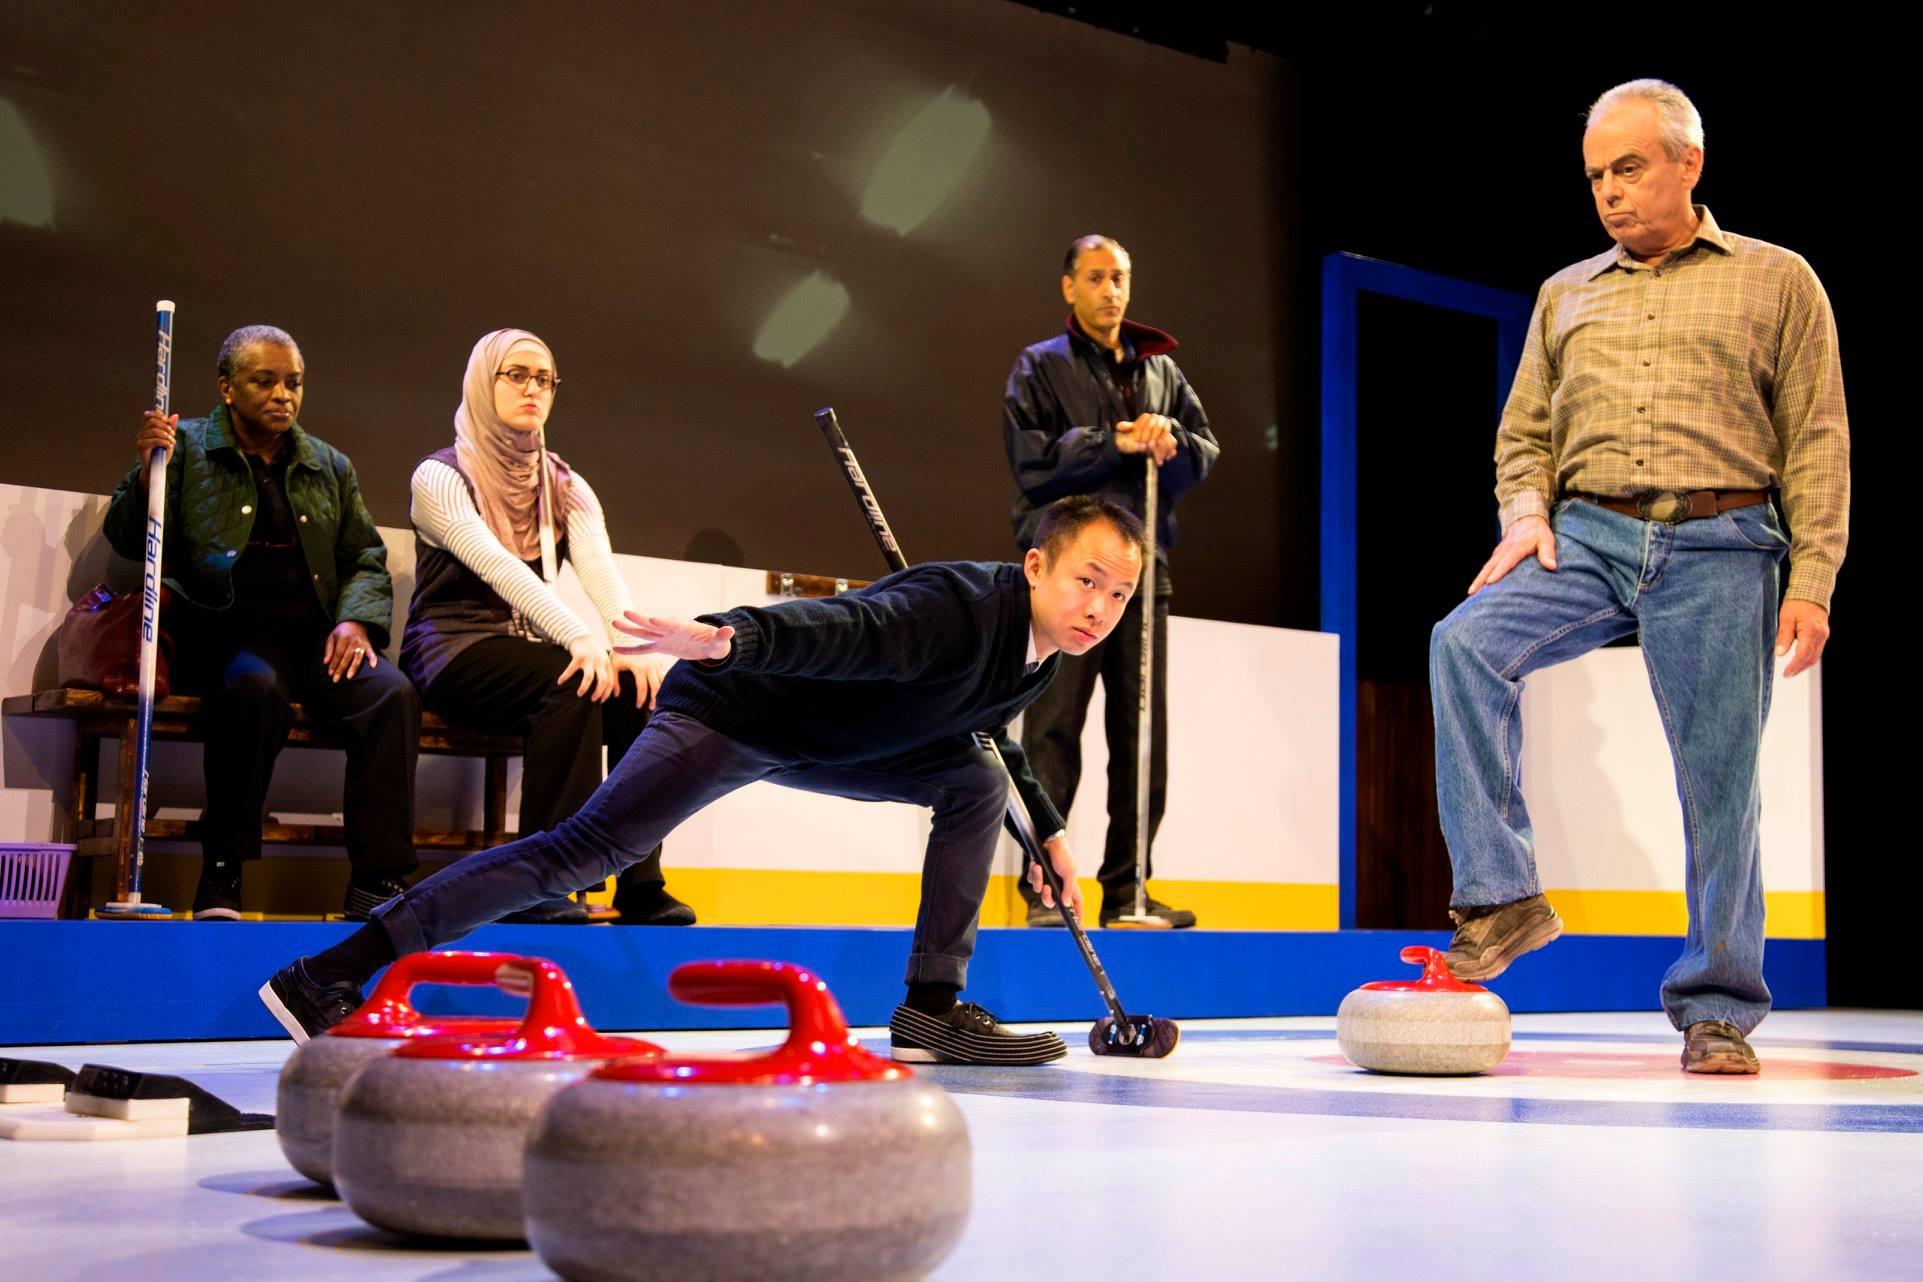 curling 3.jpg